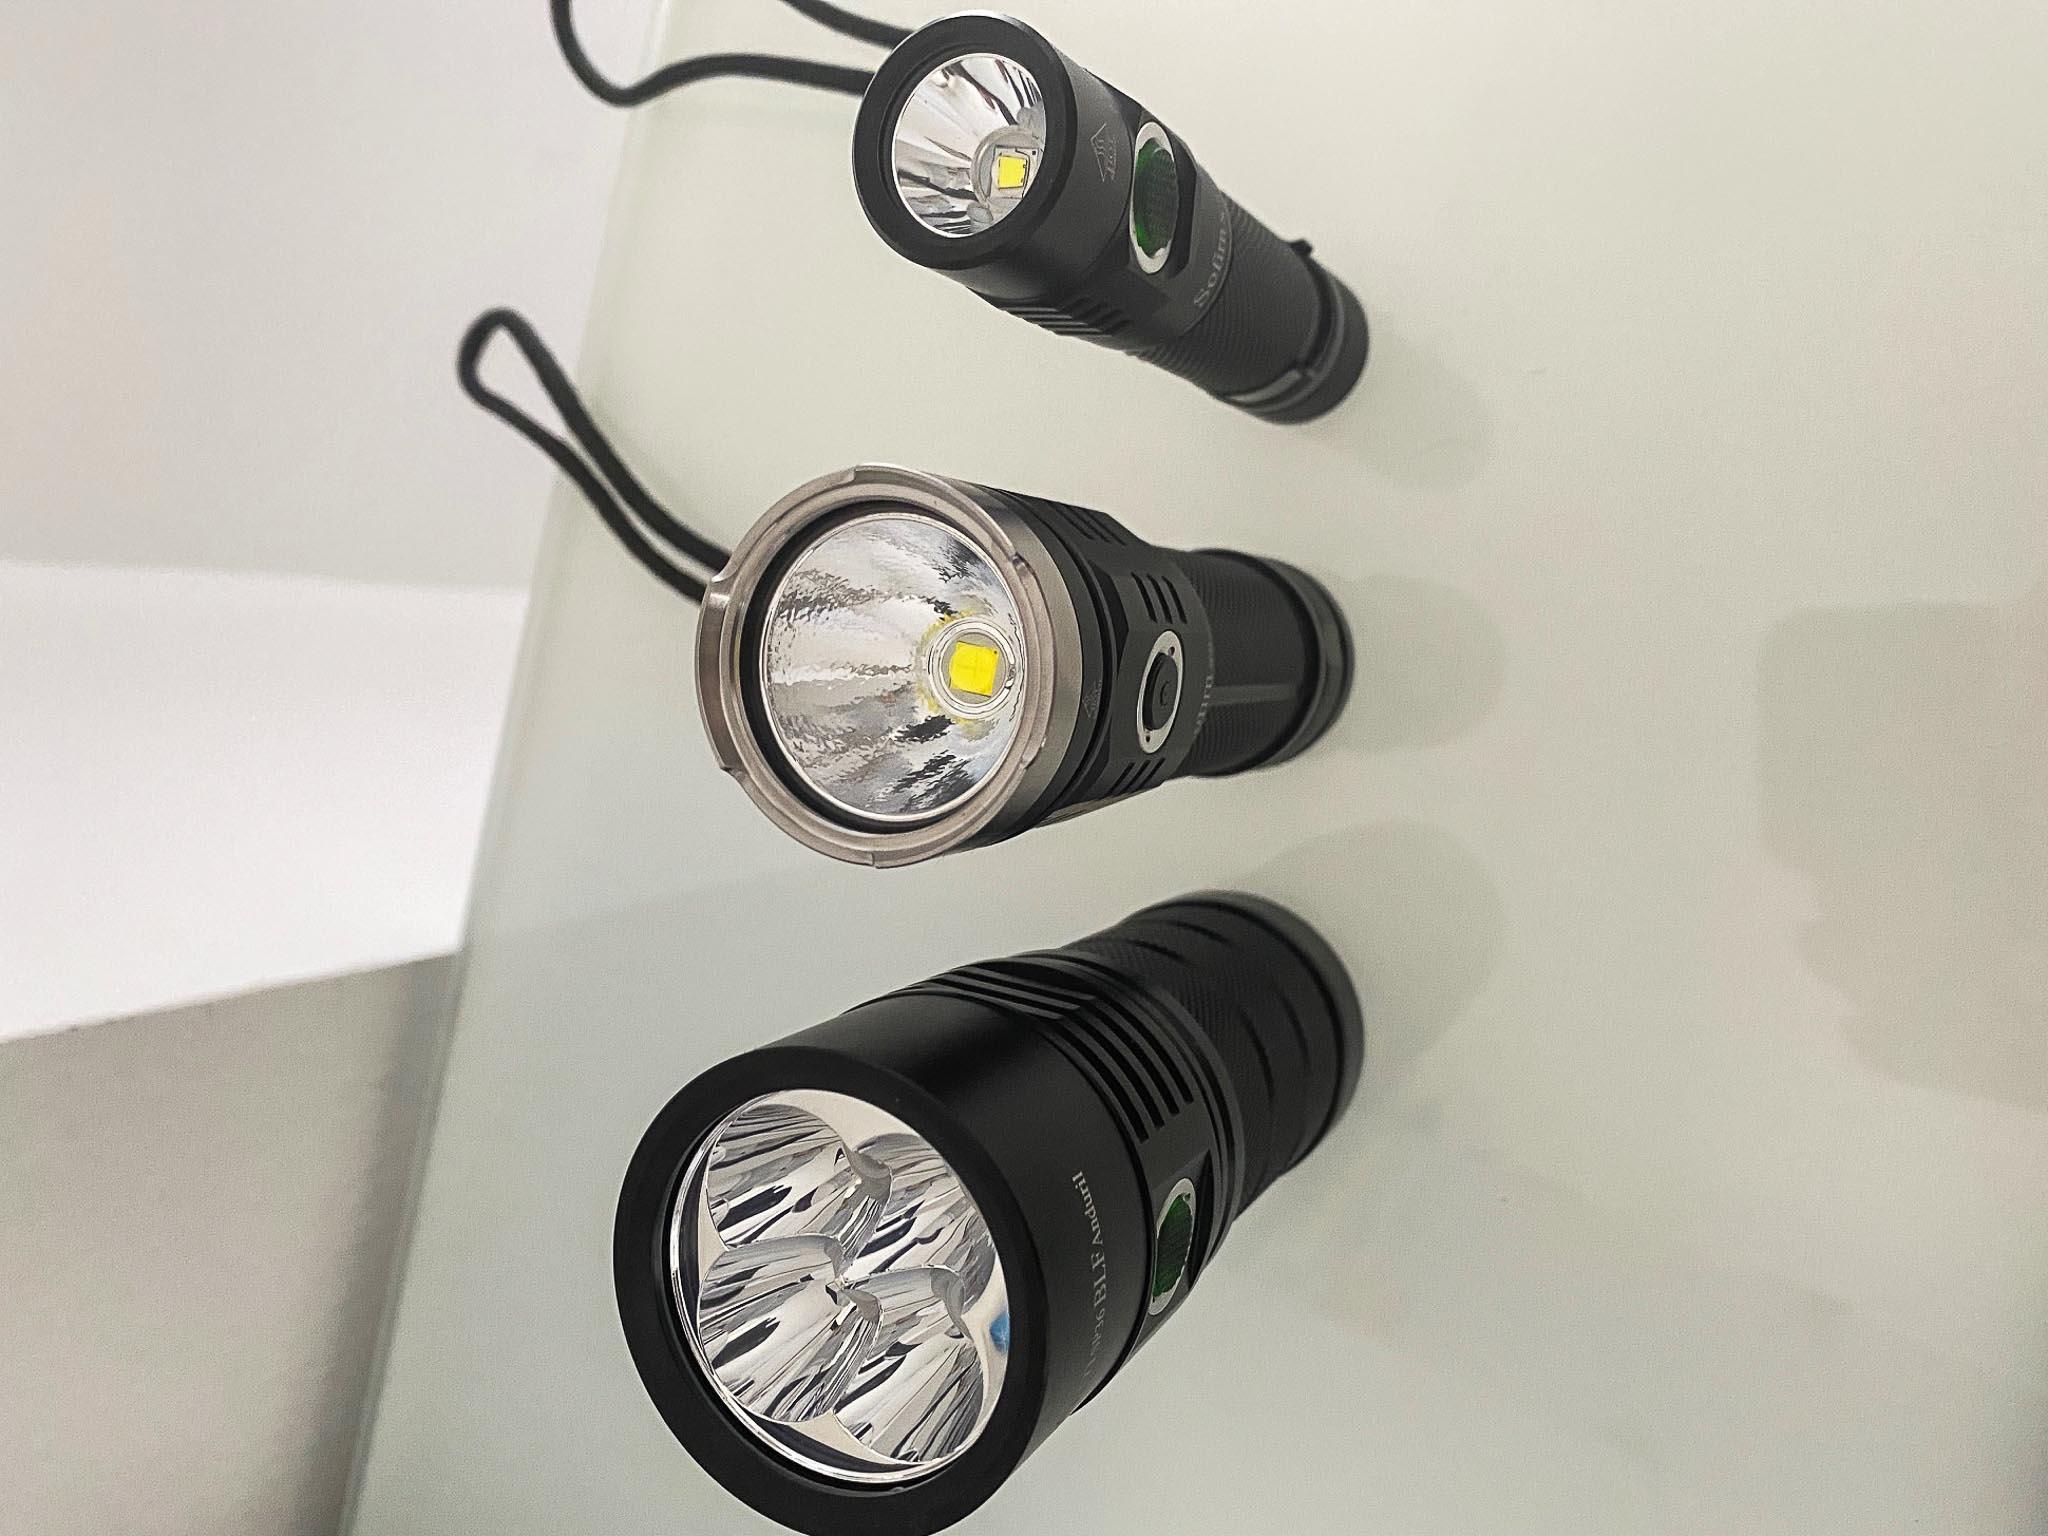 Ich kann die 3 Taschenlampen von Sofirn empfehlen